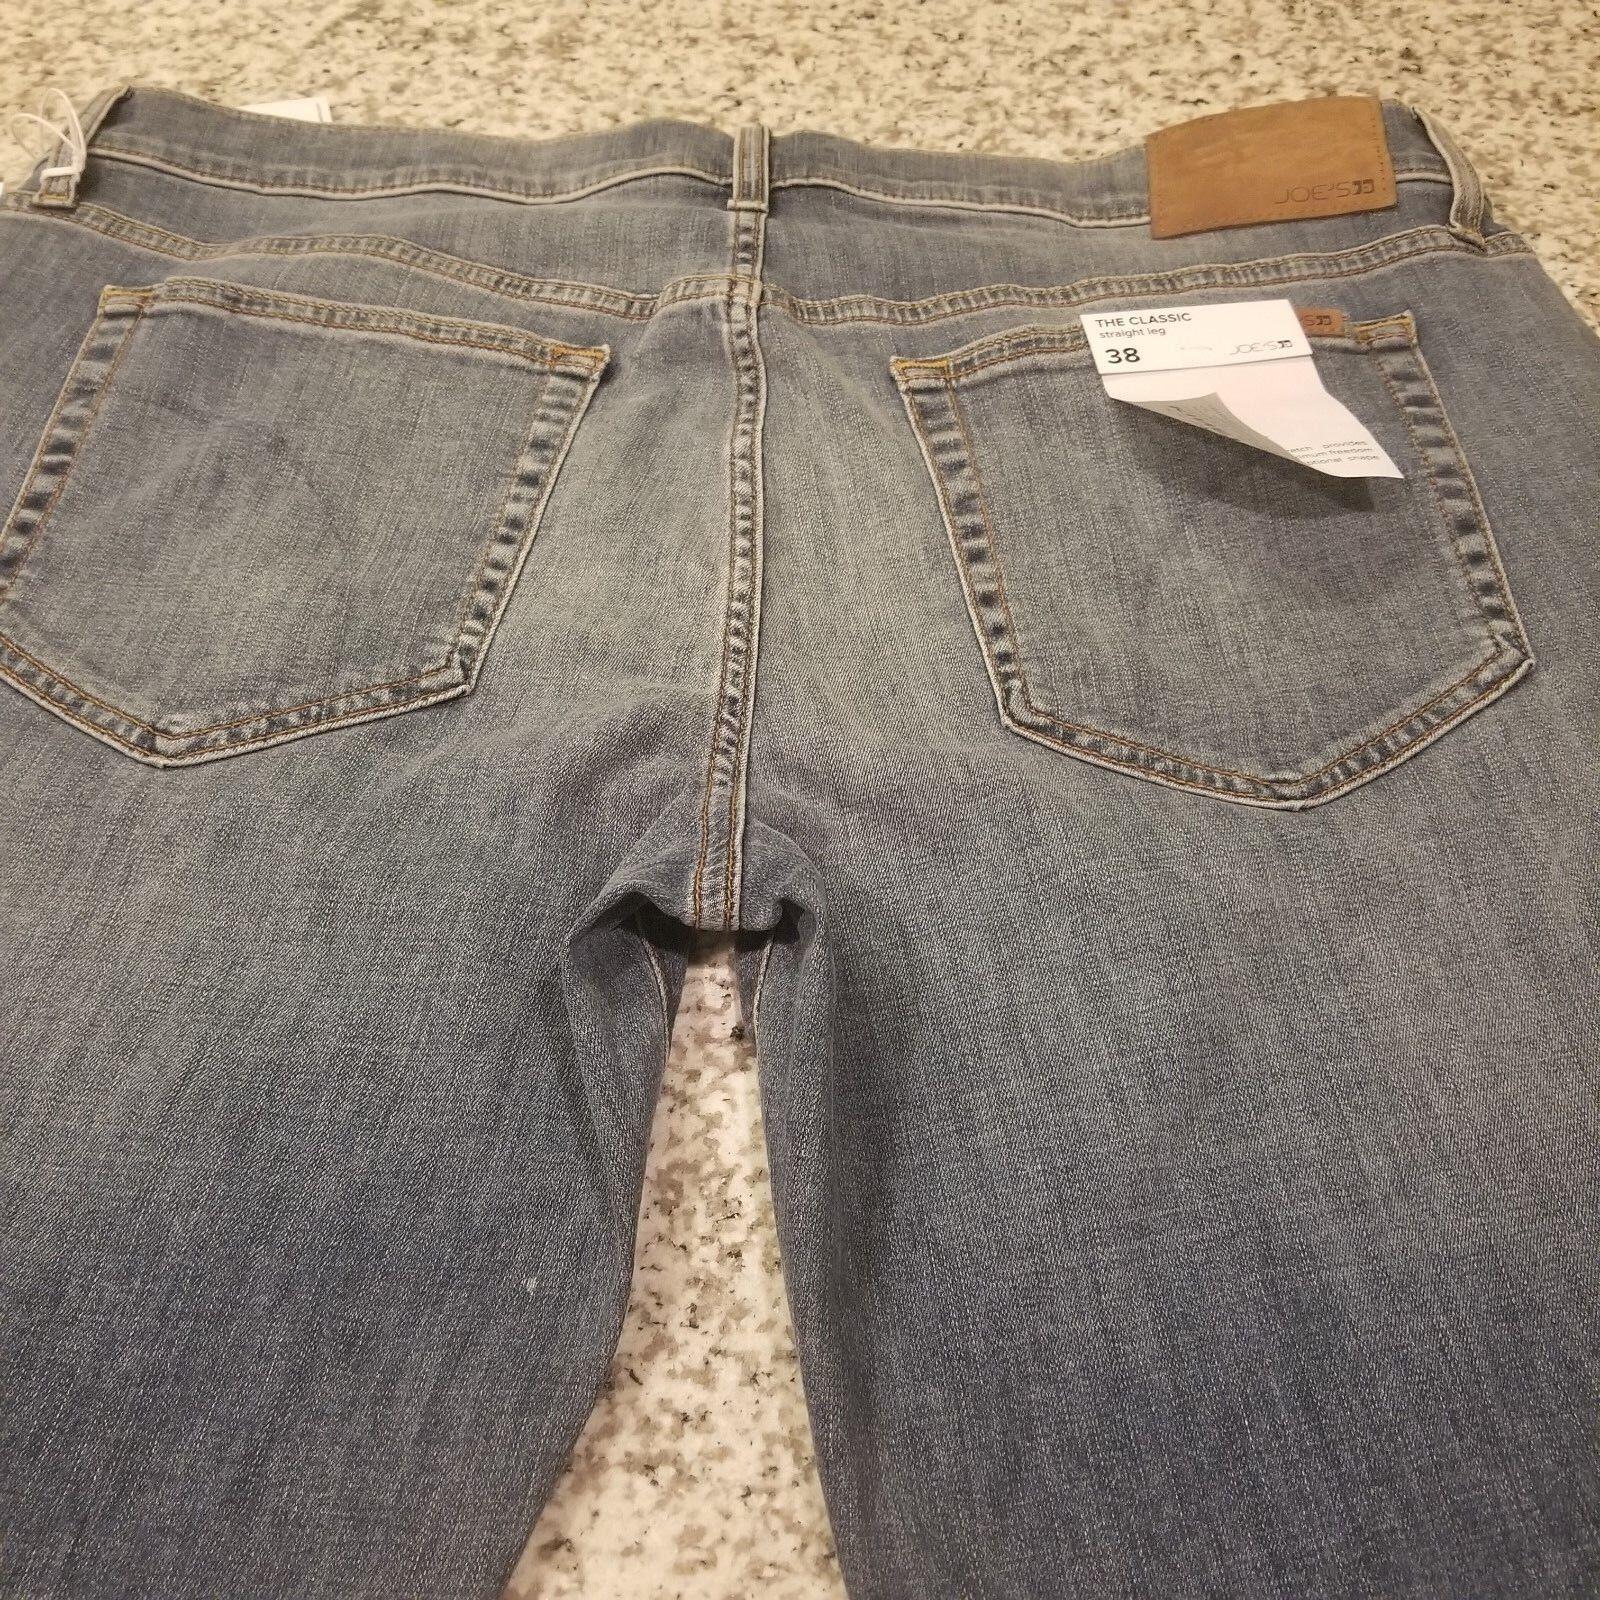 cf9e3cb9 New Men's Joe's Kinetic Jeans Denim THE CLASSIC Straght Leg bluee W36